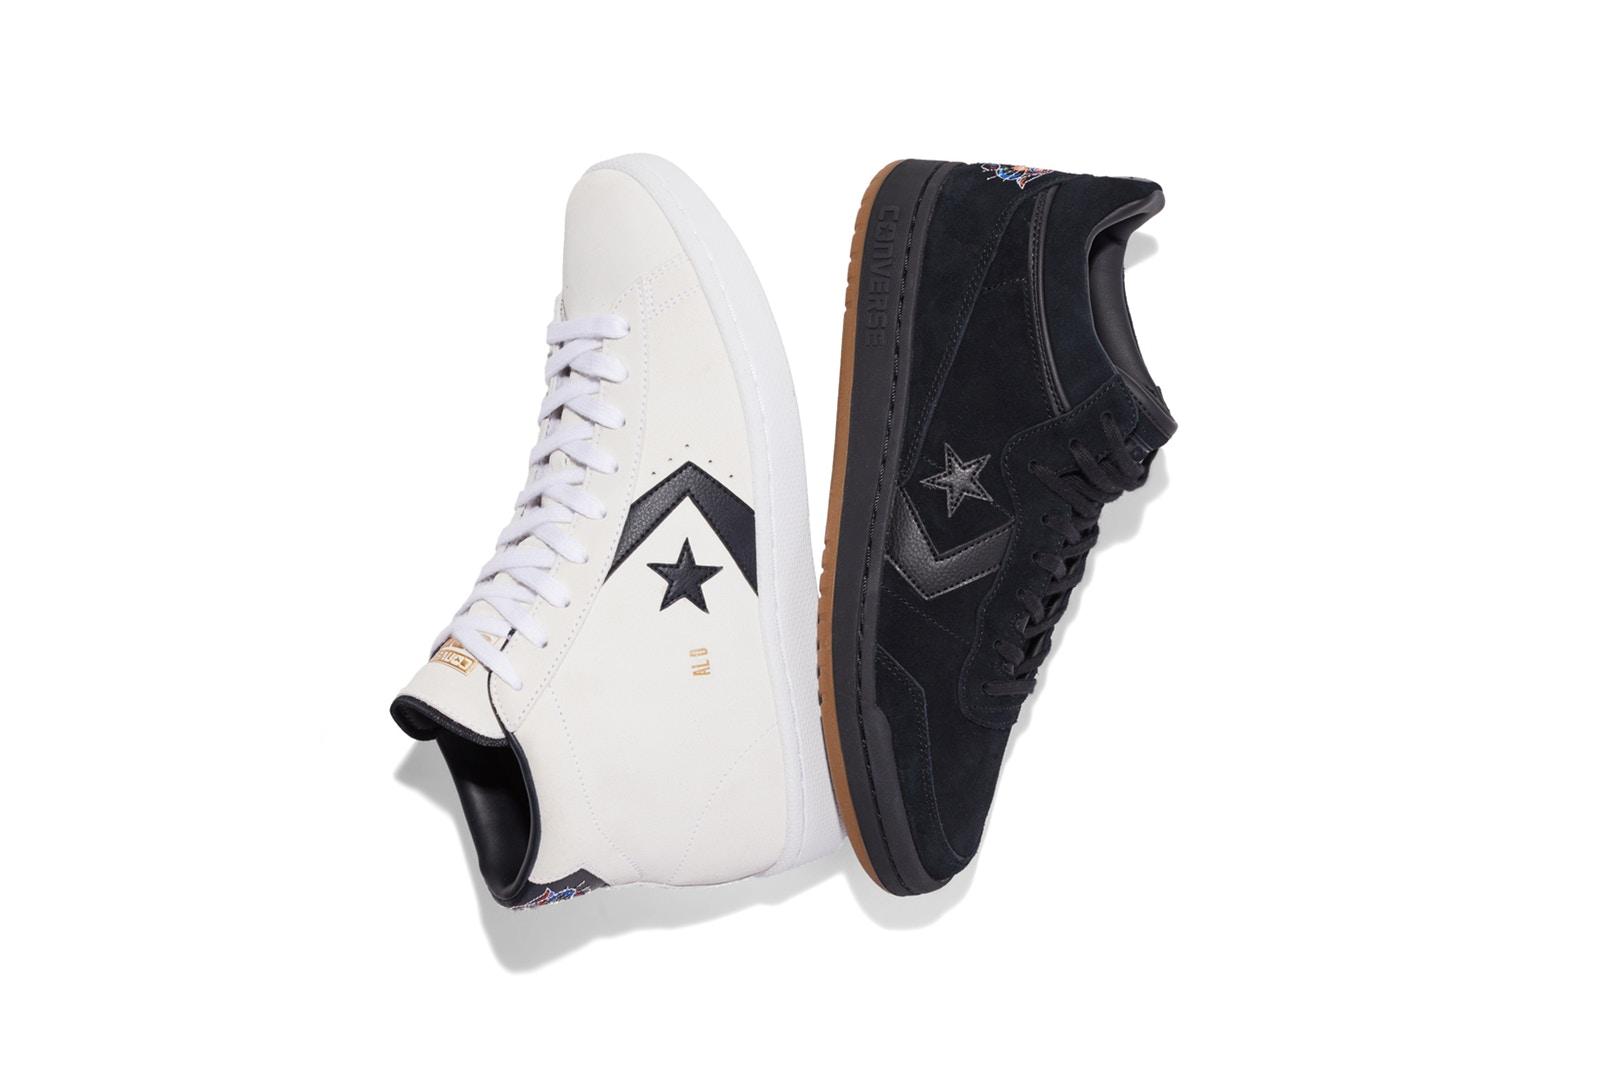 專業滑手 Al Davis x Converse CONS 全新聯乘「Court Pack」